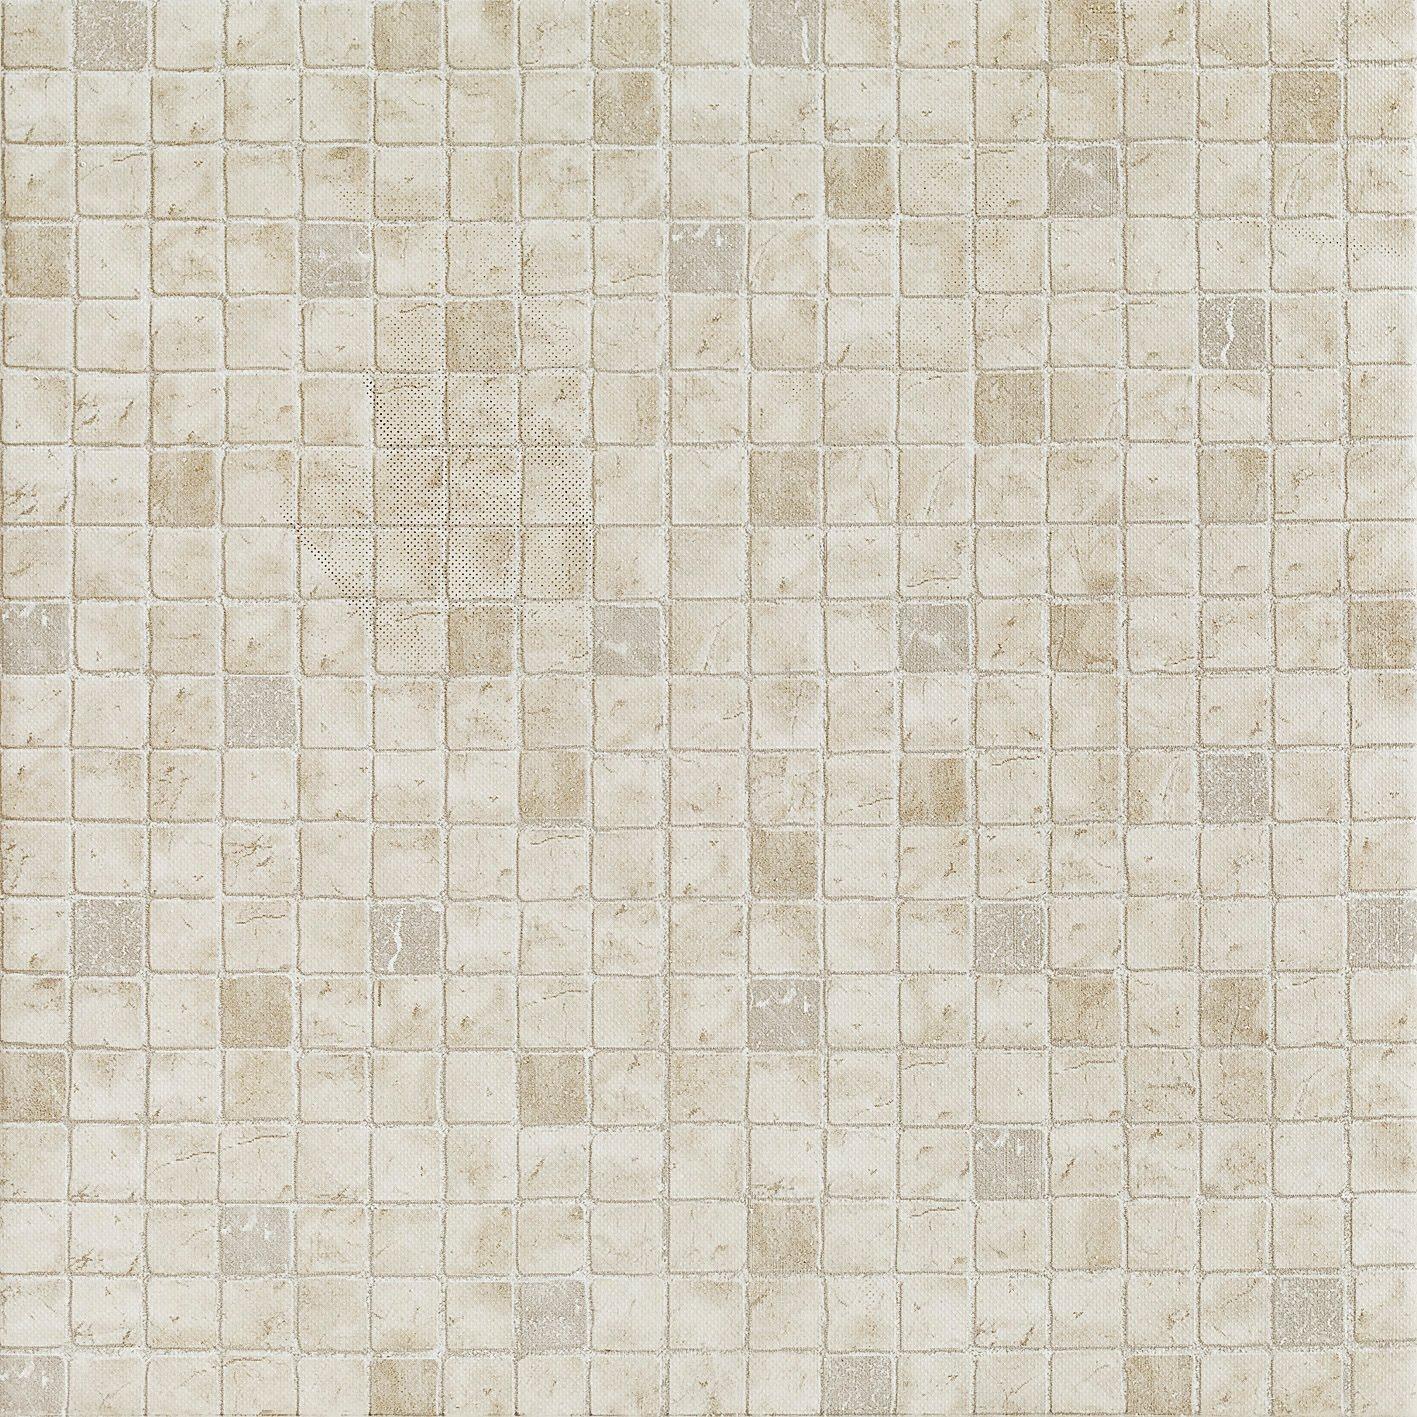 Blog da Revestir.com: Sem tombo #7A6C51 1417x1417 Banheiro Com Revestimento Branco E Piso Bege